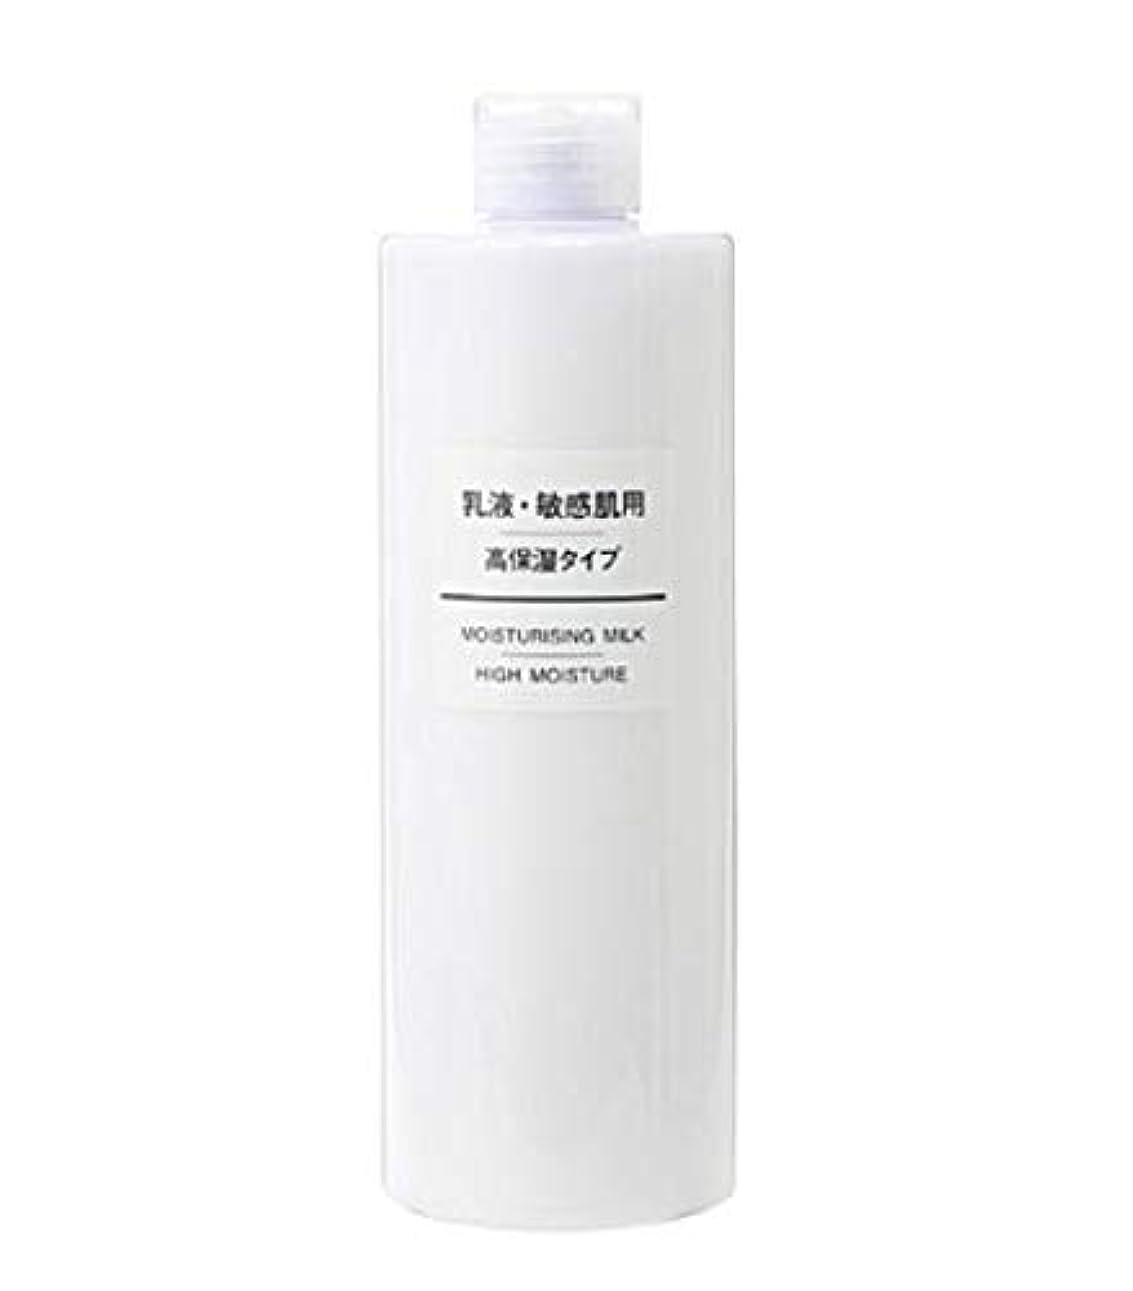 リーガンしおれたトレーニング無印良品 乳液 敏感肌用 高保湿タイプ (大容量) 400ml